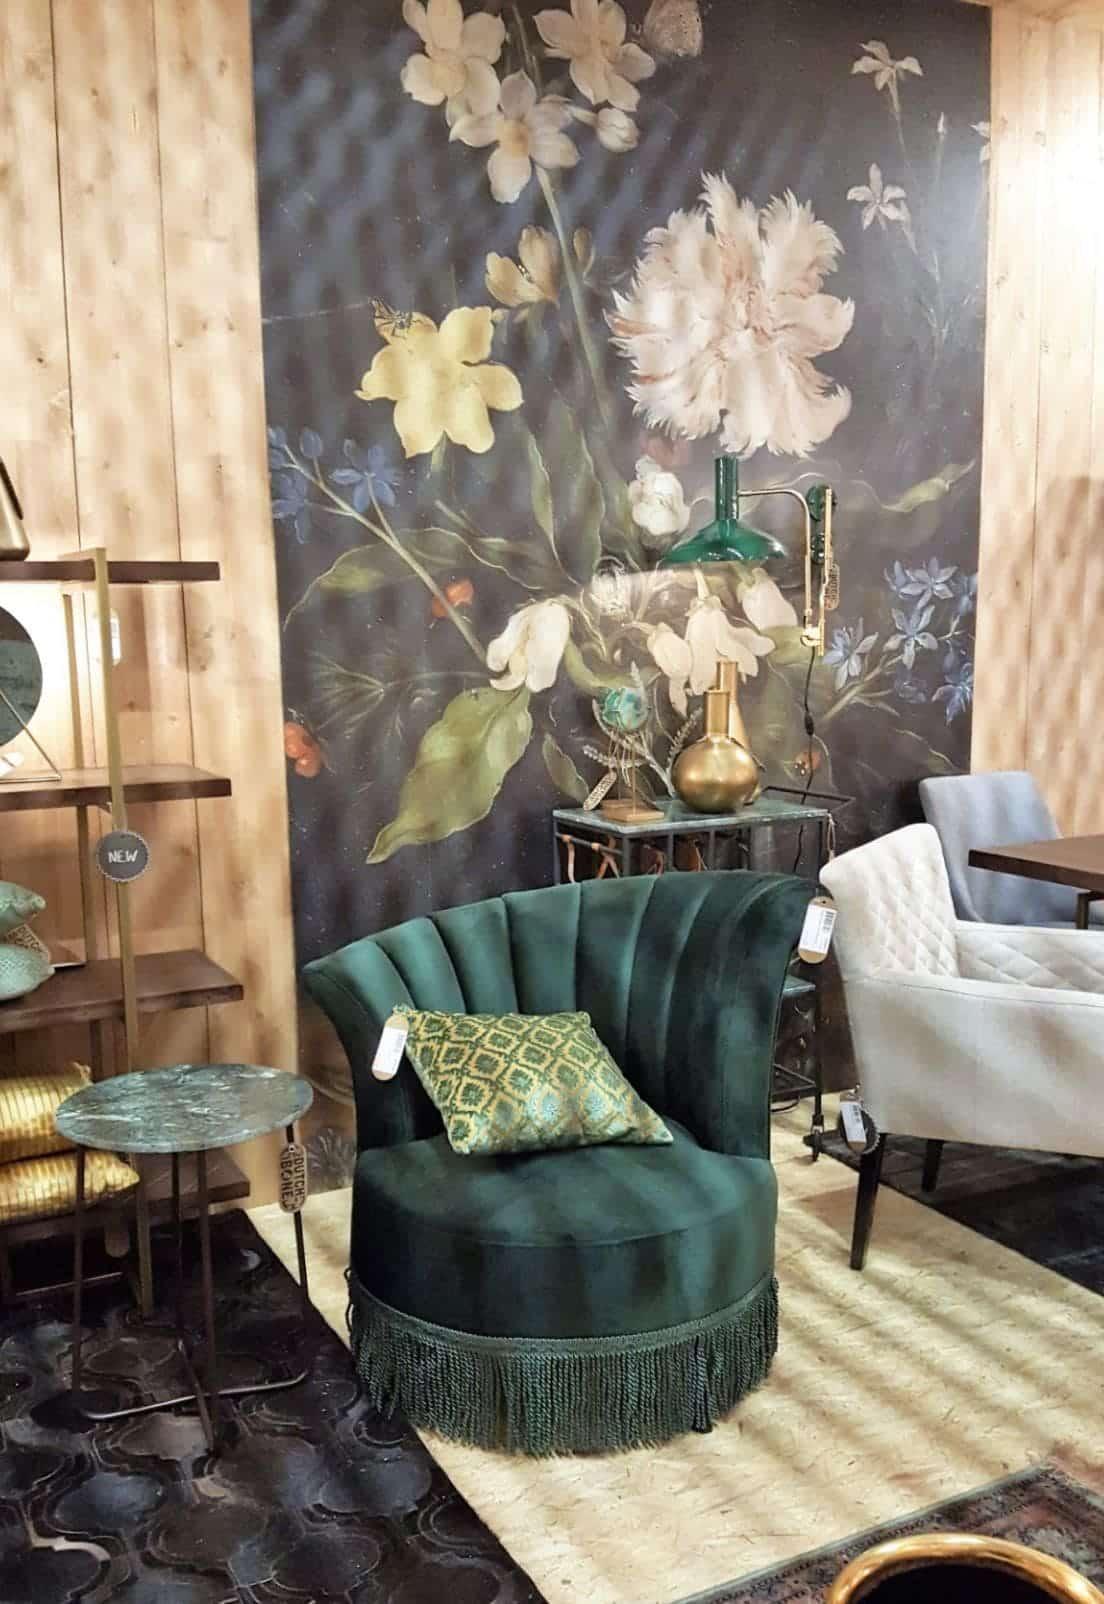 Charming Style Hannover Fototapeten 6   Dekor  U0026 Bild Tapeten Sind Wieder U0027INu0027 Photo